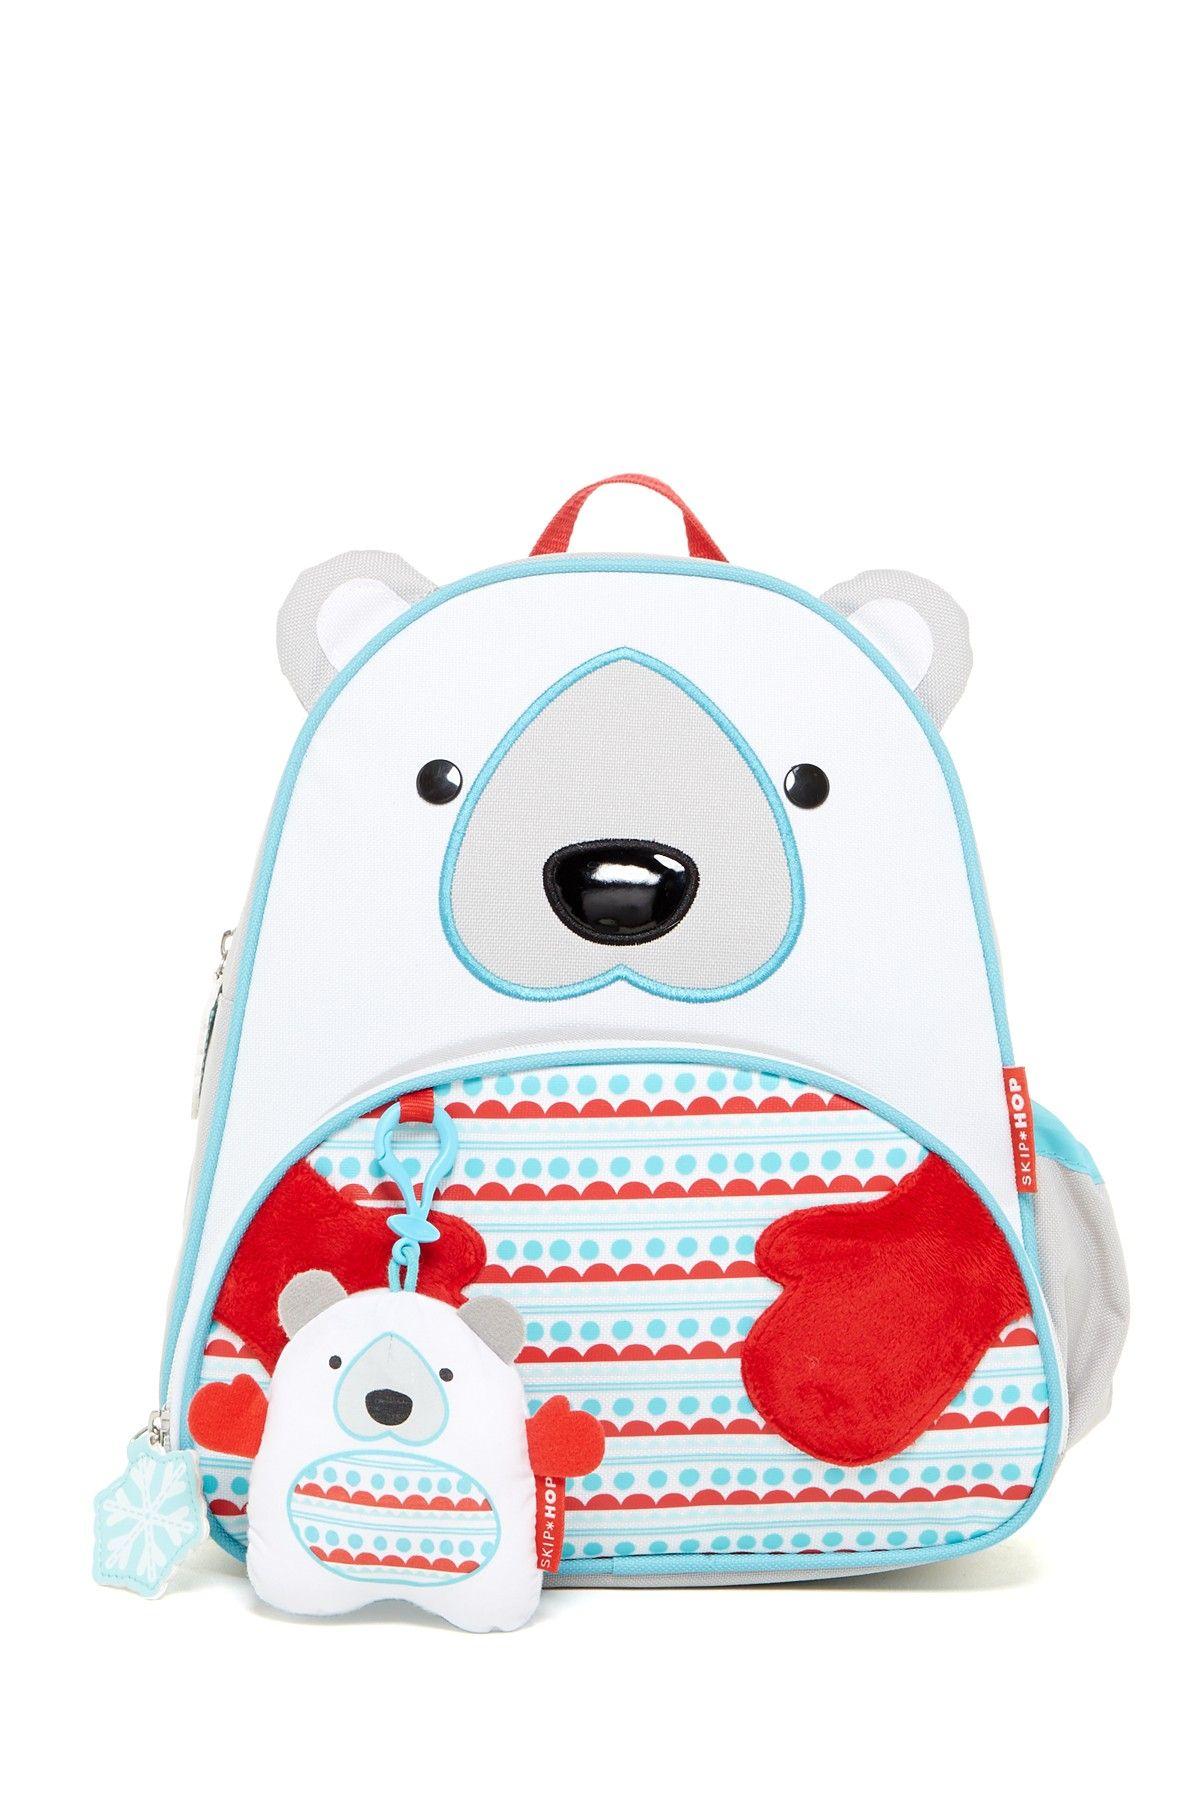 Polar bear backpack gift set backpack gift kids